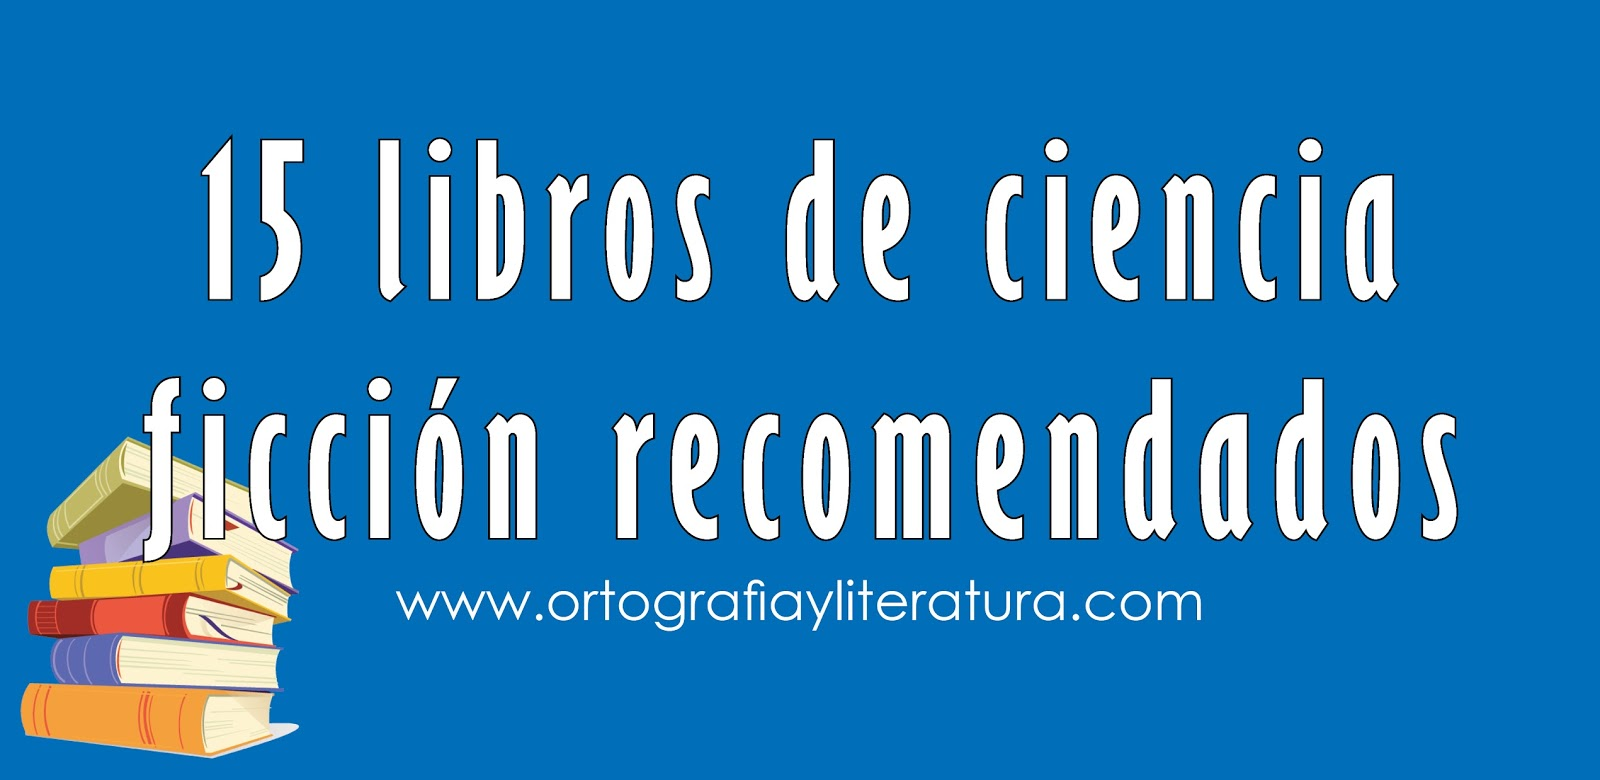 15 libros de ciencia ficción recomendados | Ortografía y ... - photo#15